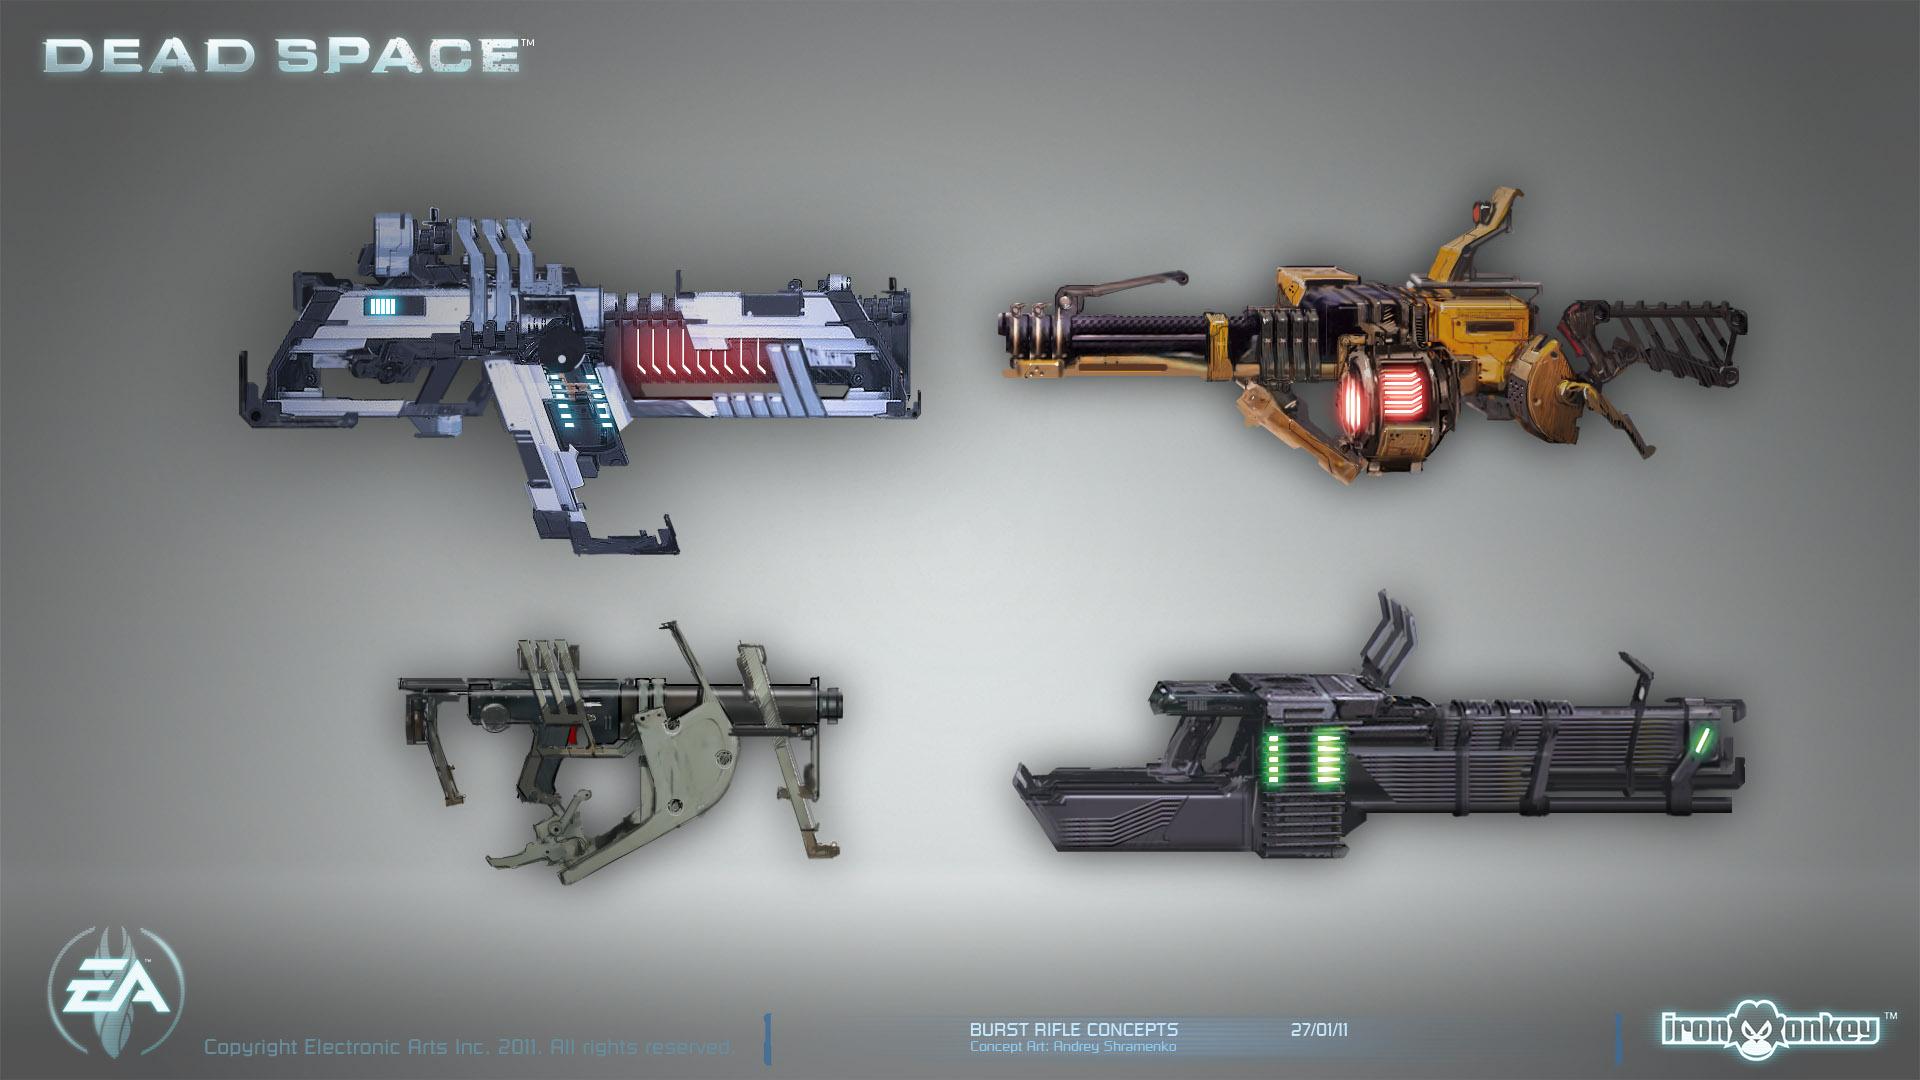 Dead Space - Machine gun concepts by shirik on DeviantArt